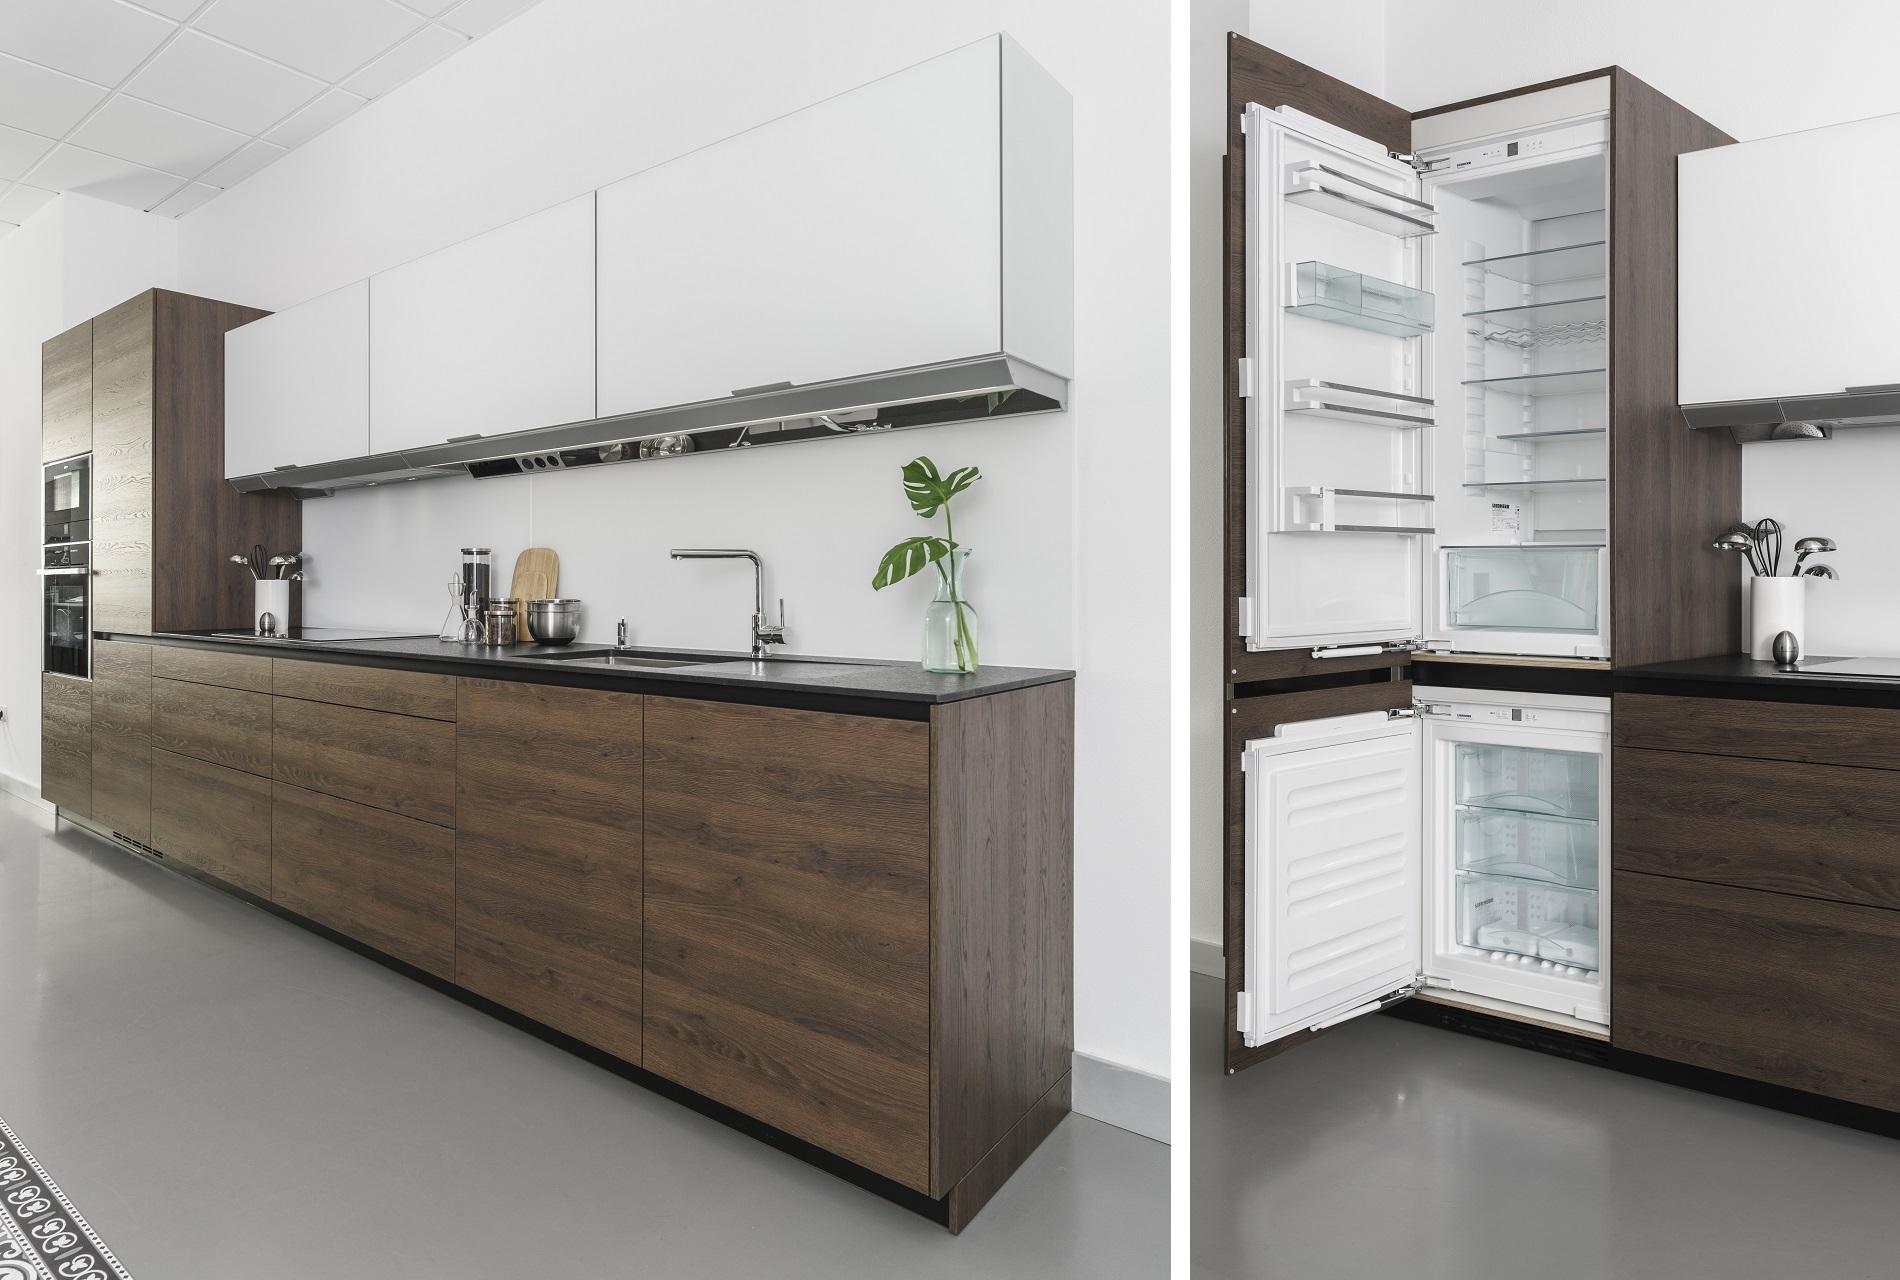 Image cocina-santiago-interiores-line-l-roble